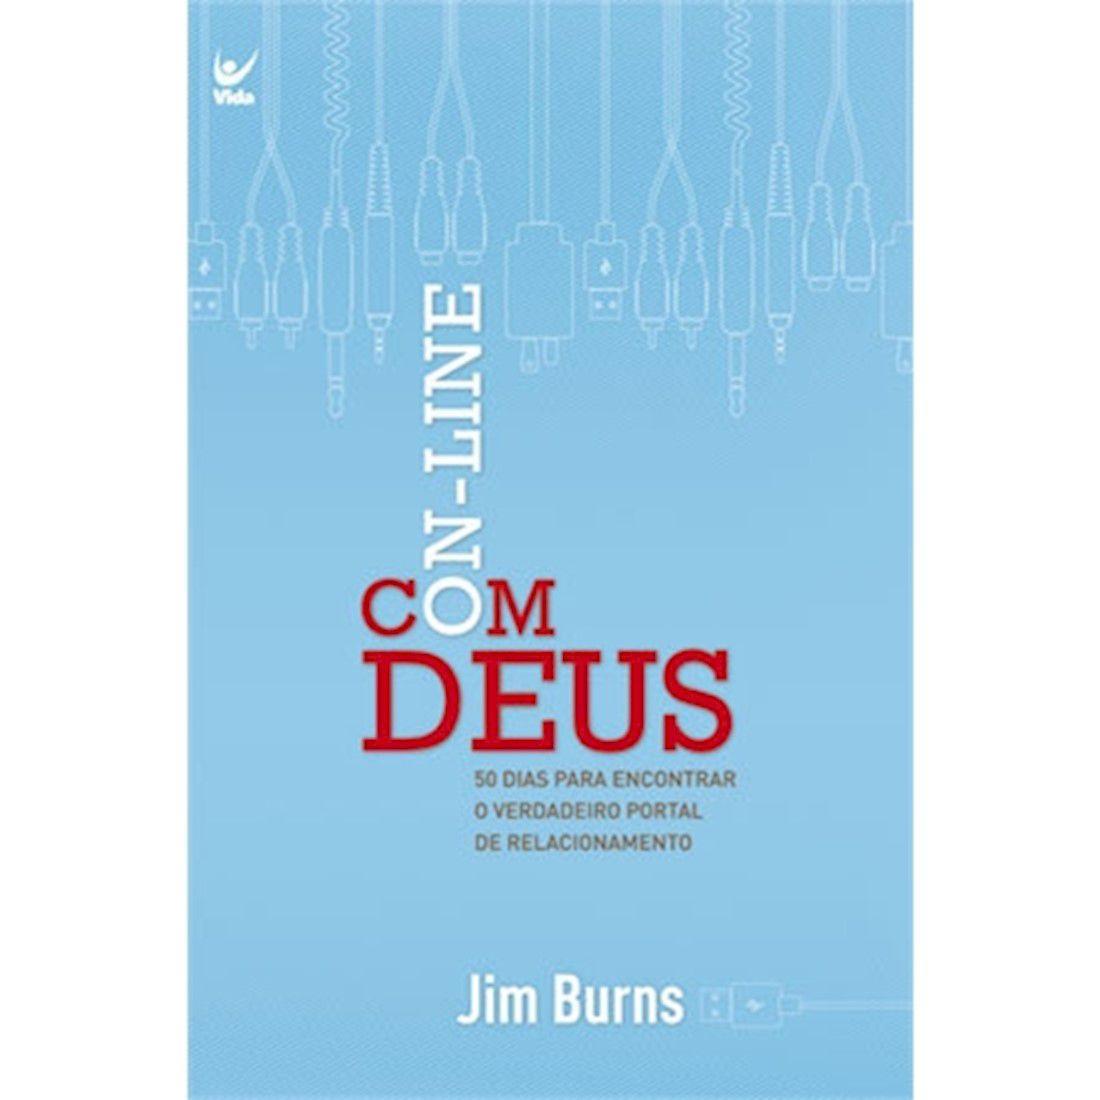 Livro On-line com Deus